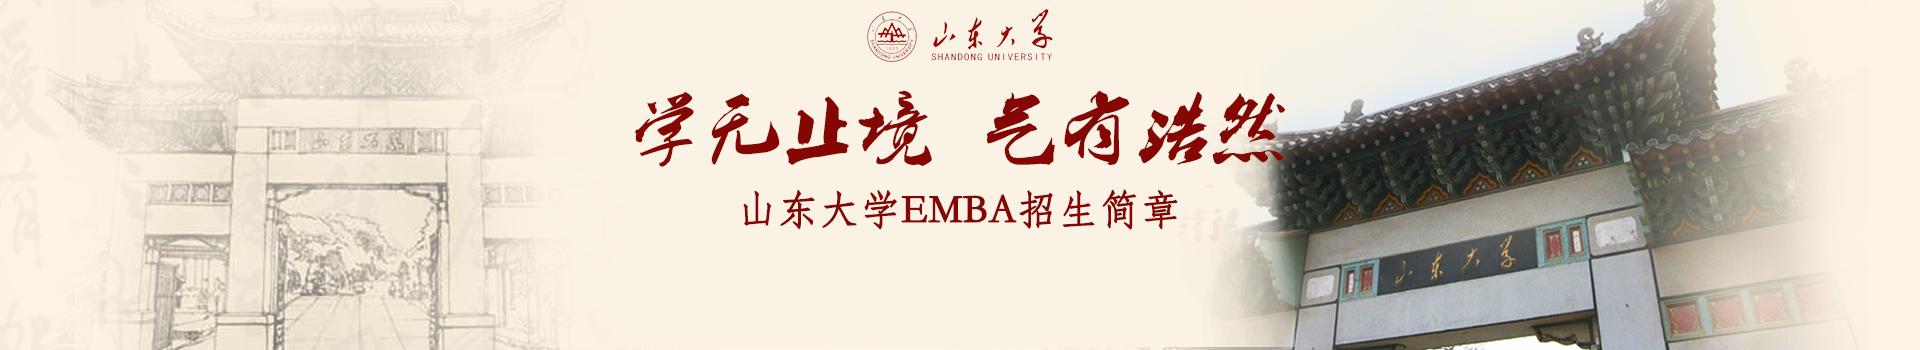 山东大学管理学院高级工商管理硕士EMBA招生简章